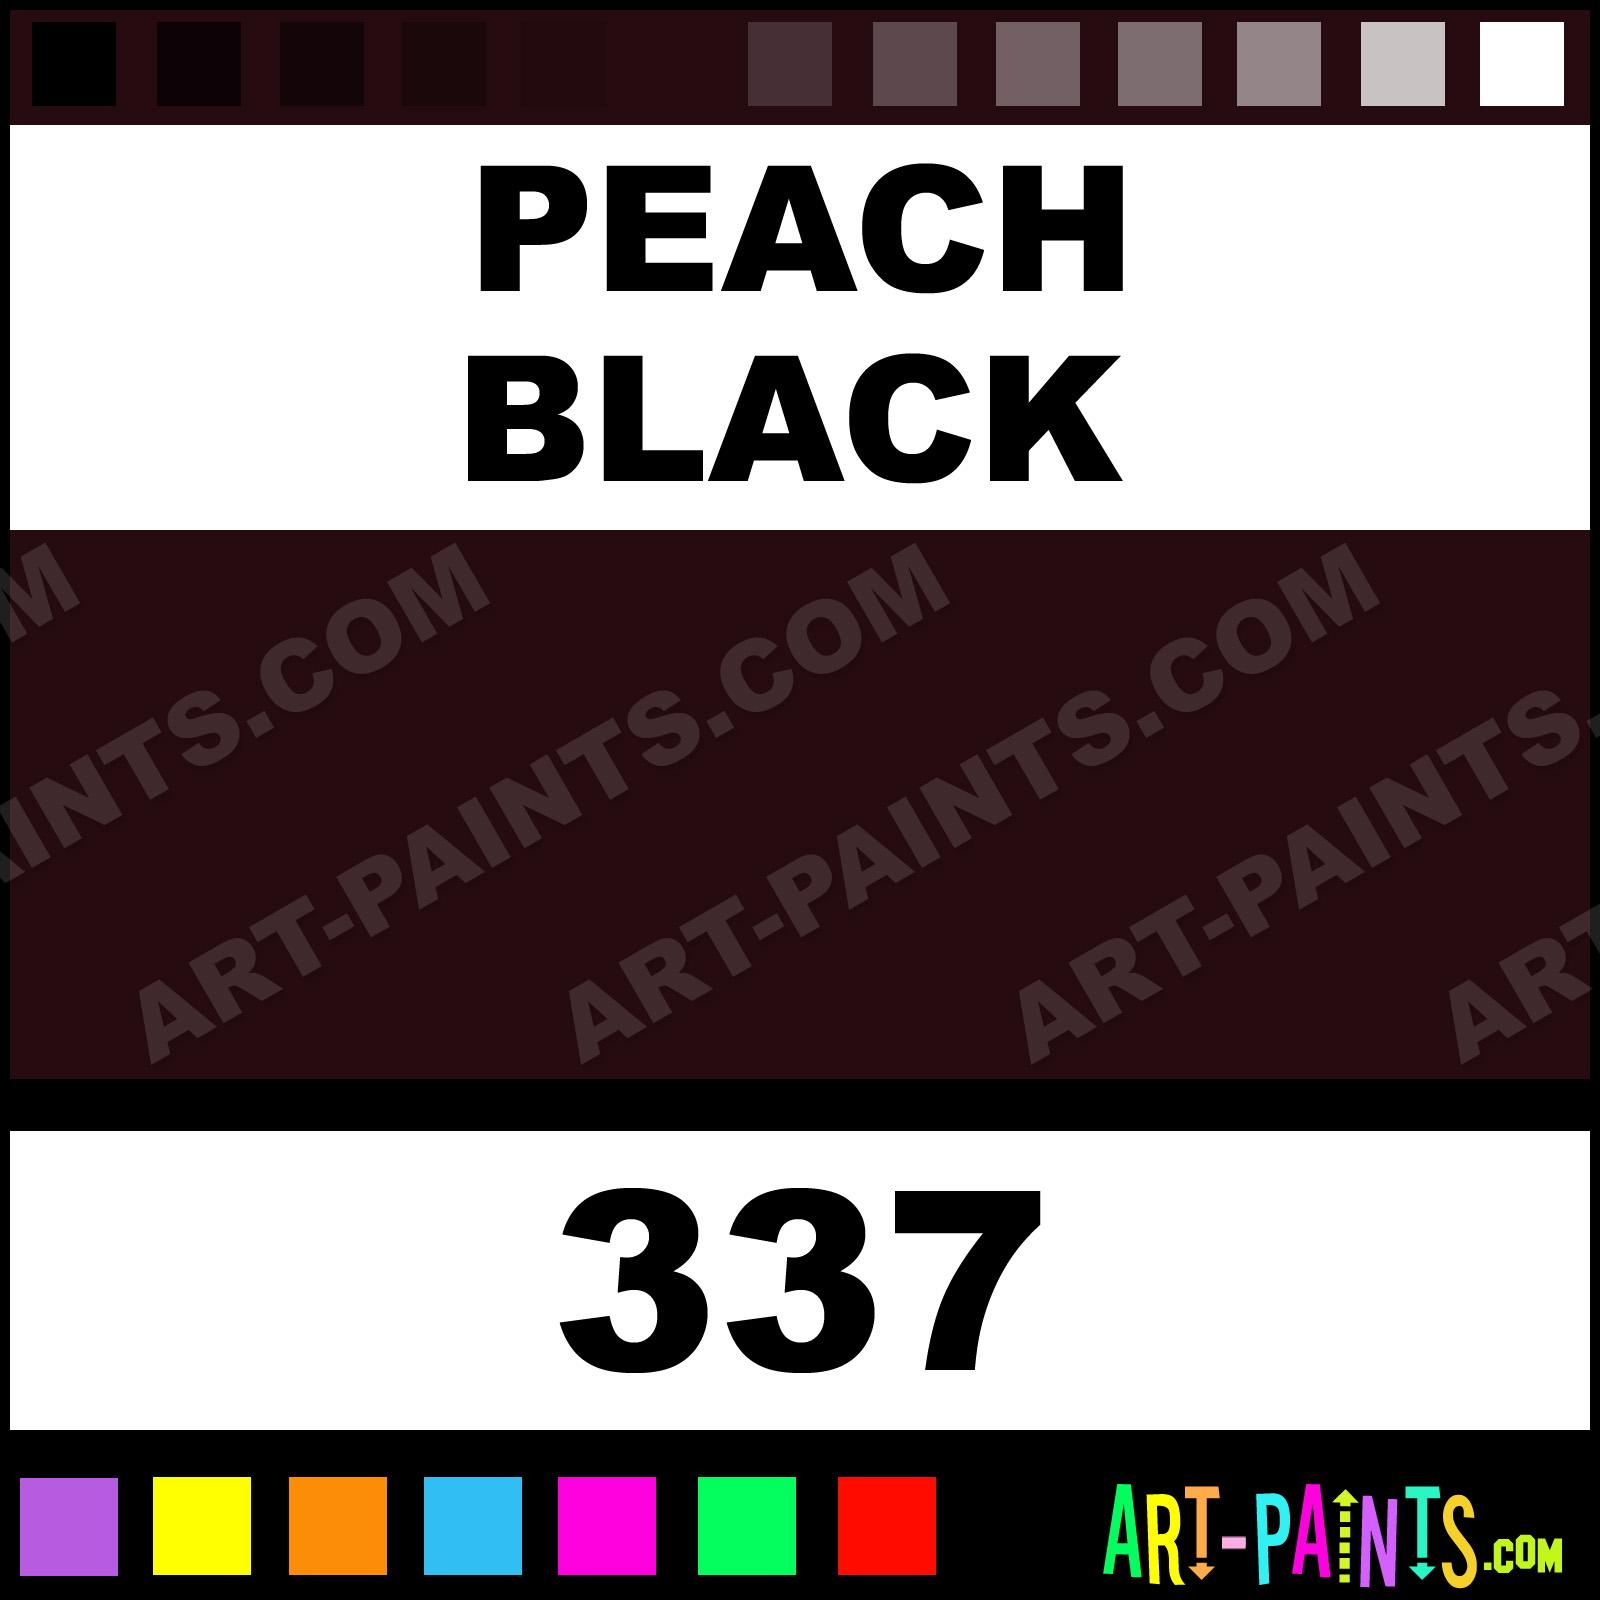 Peach black